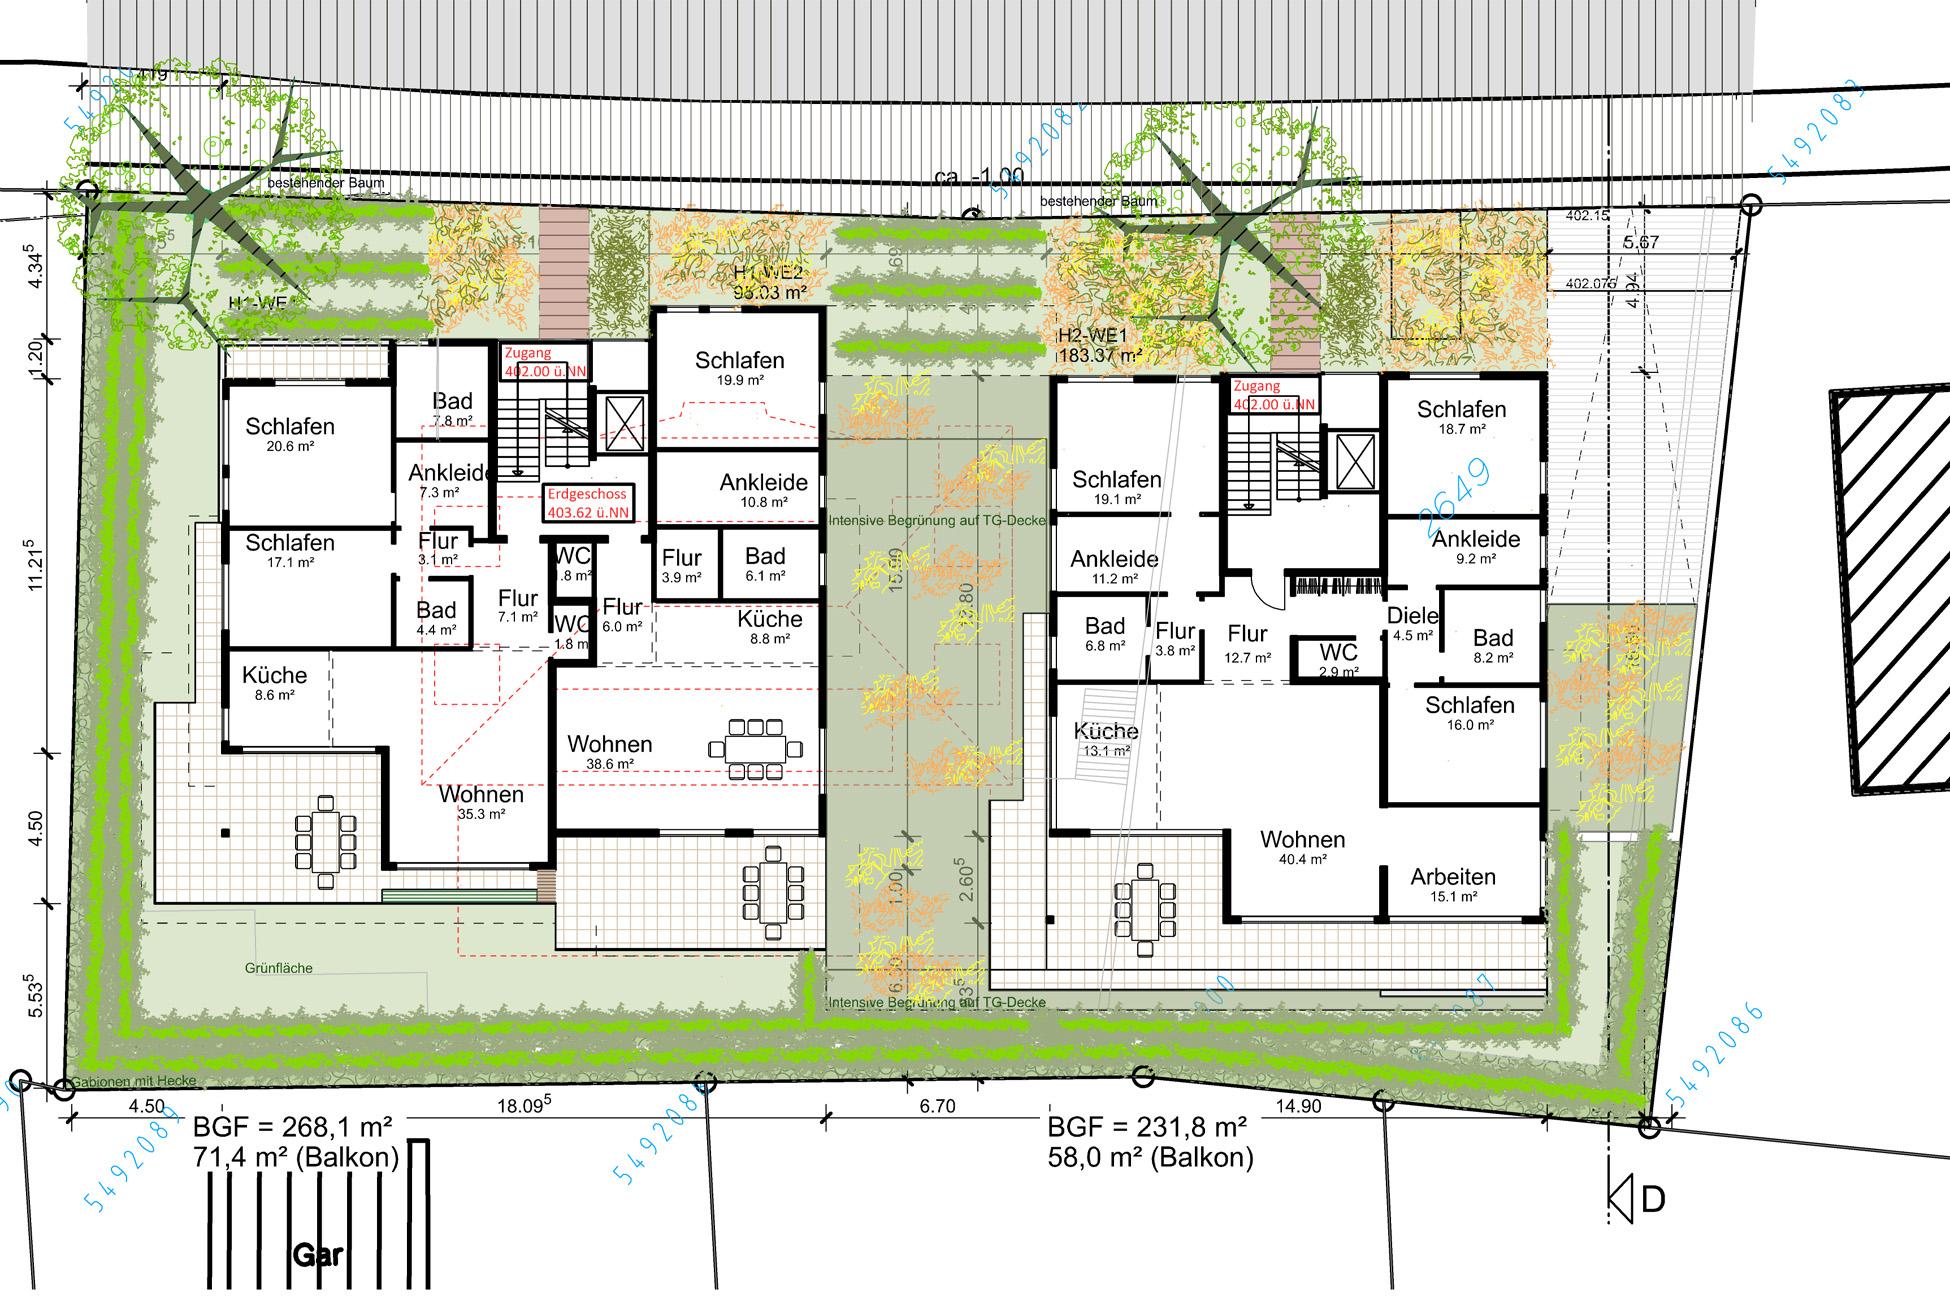 Projektentwicklung Wohnbebauung Überlingen